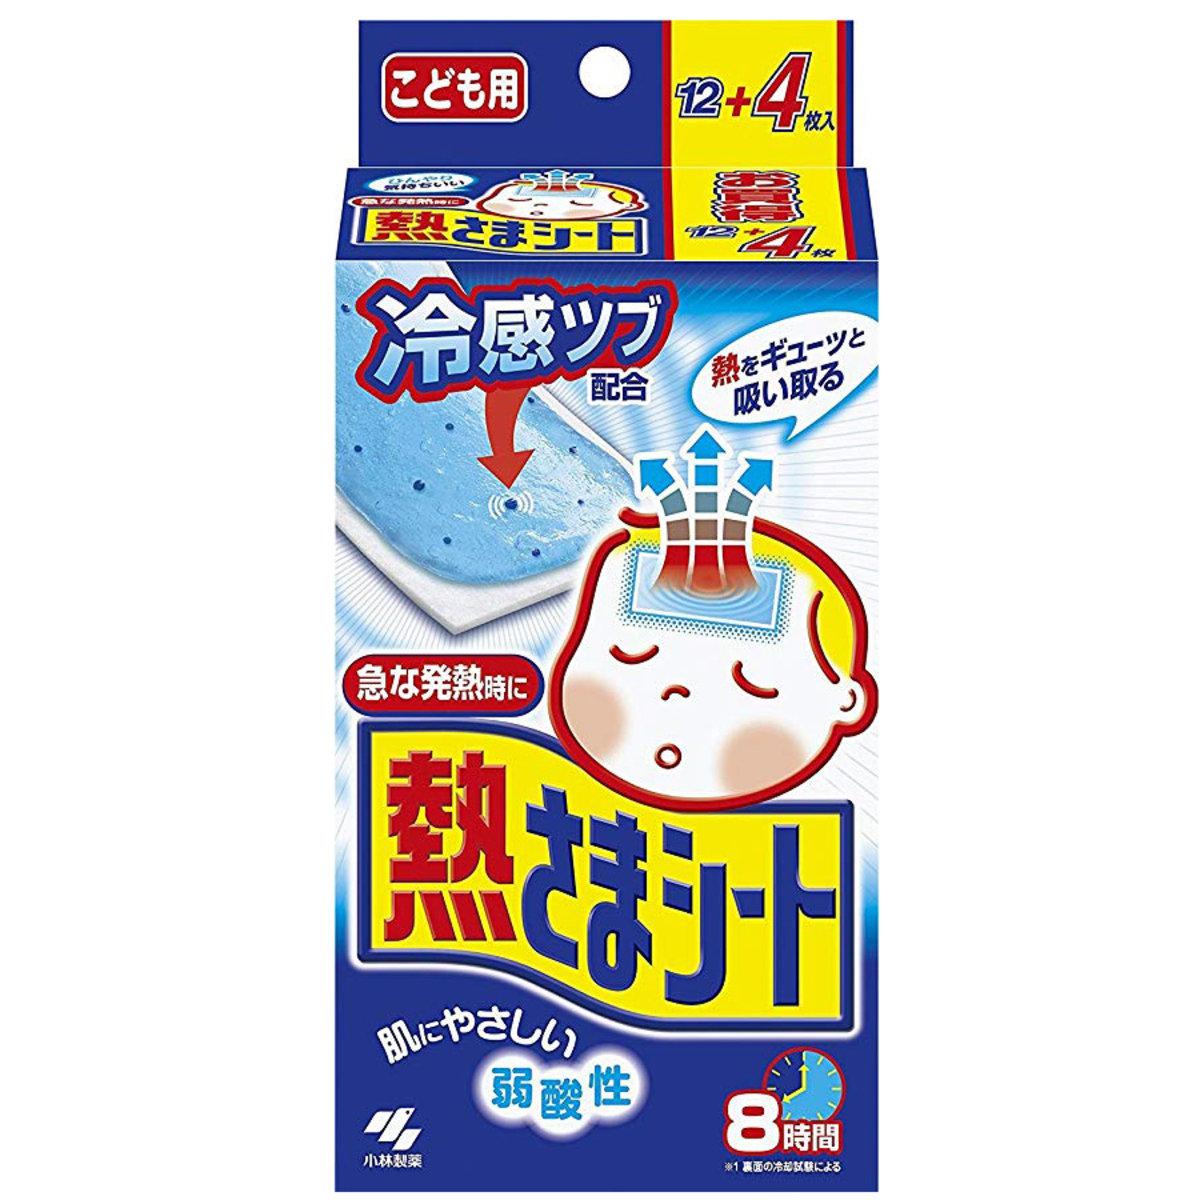 小林退熱貼 小童貼(藍)日版12+4貼  (平行進口貨)